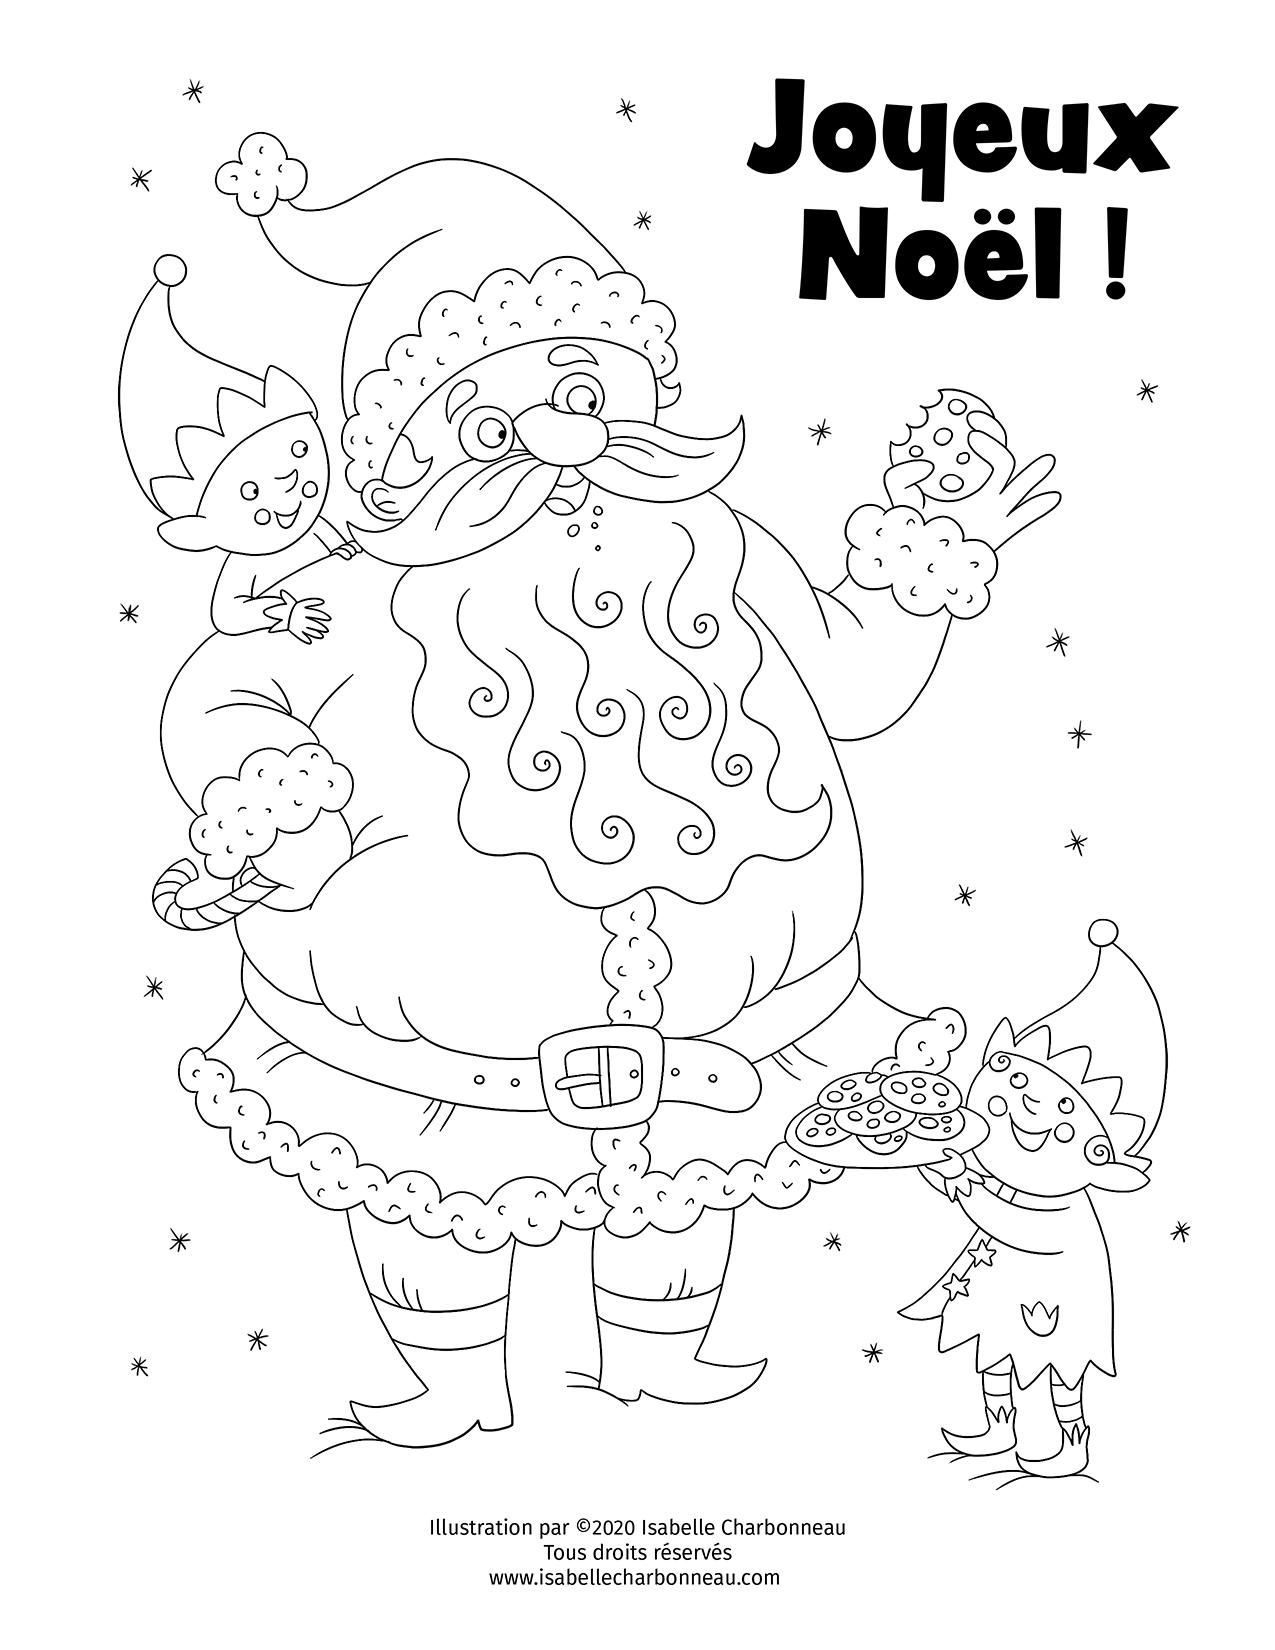 Coloriage du père Noël et ses lutins illustré par Isabelle Charbonneau